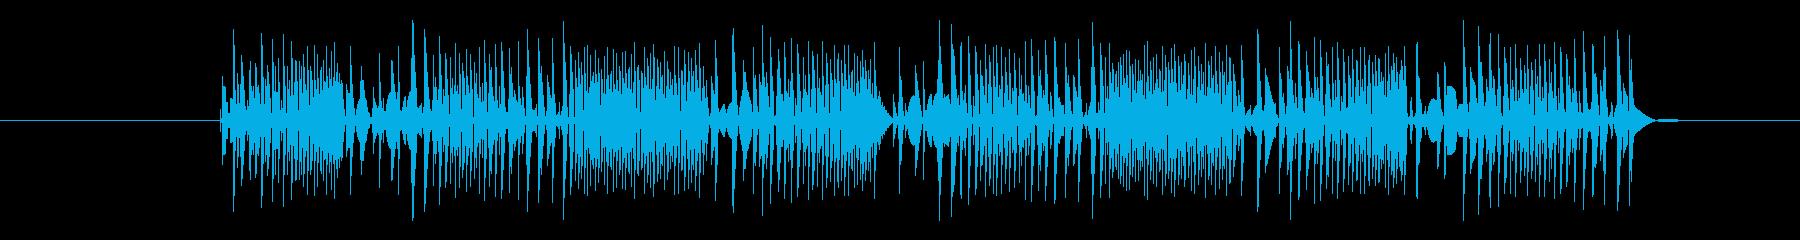 FX アーケードインテンスプレイ01の再生済みの波形